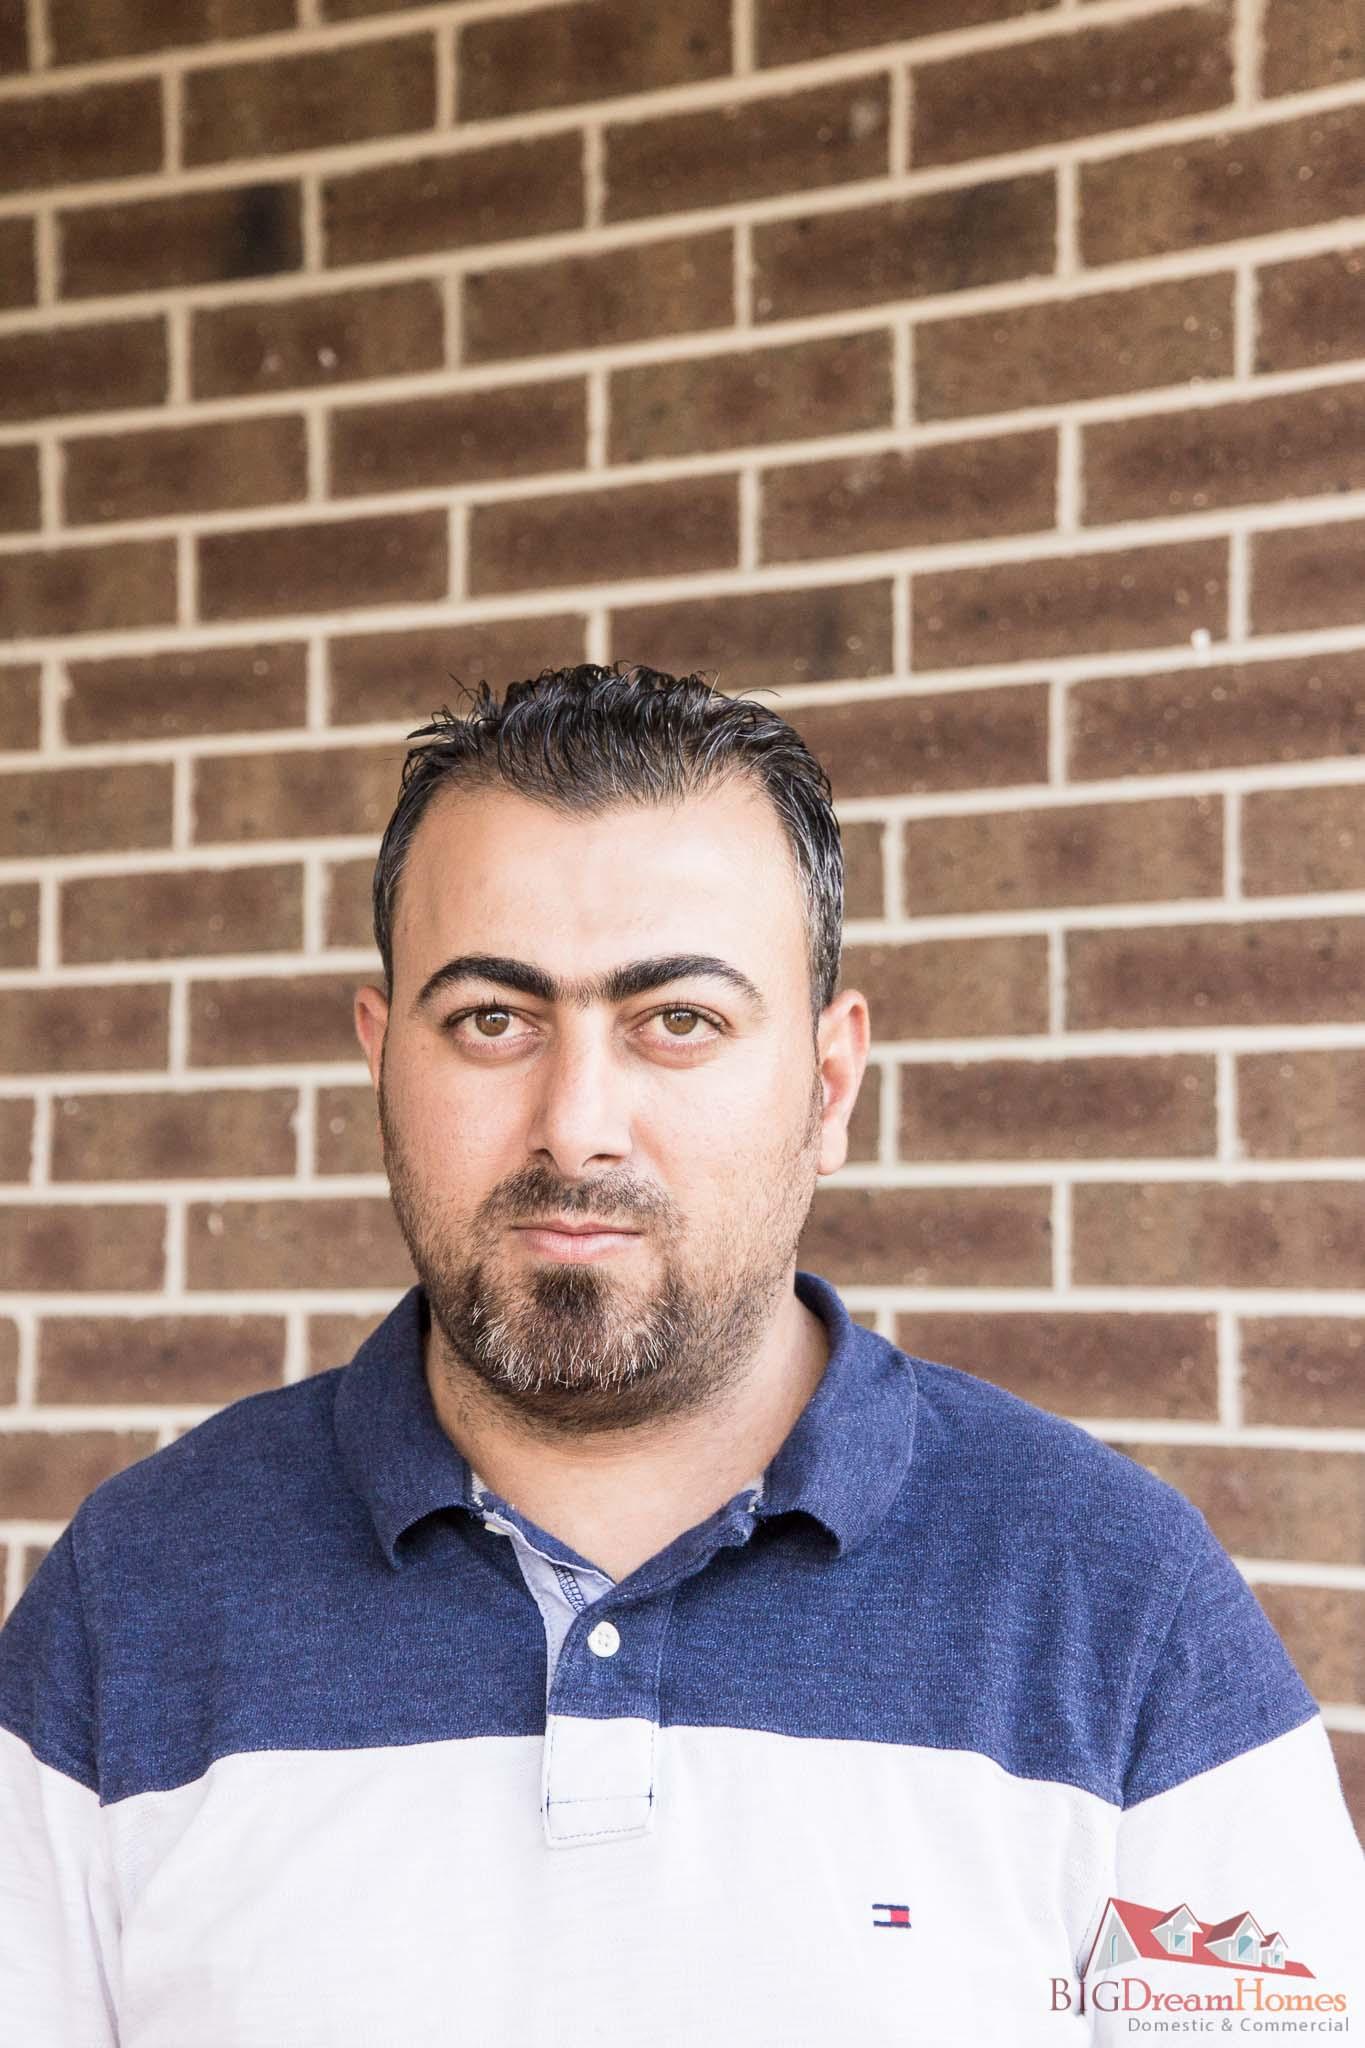 Mohammad Al-Omary